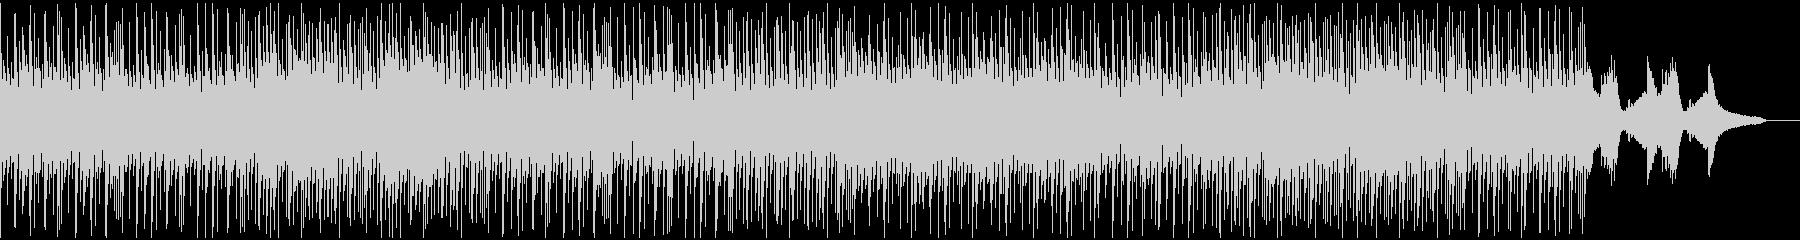 ビバップピアノ風なjazzhiphopの未再生の波形